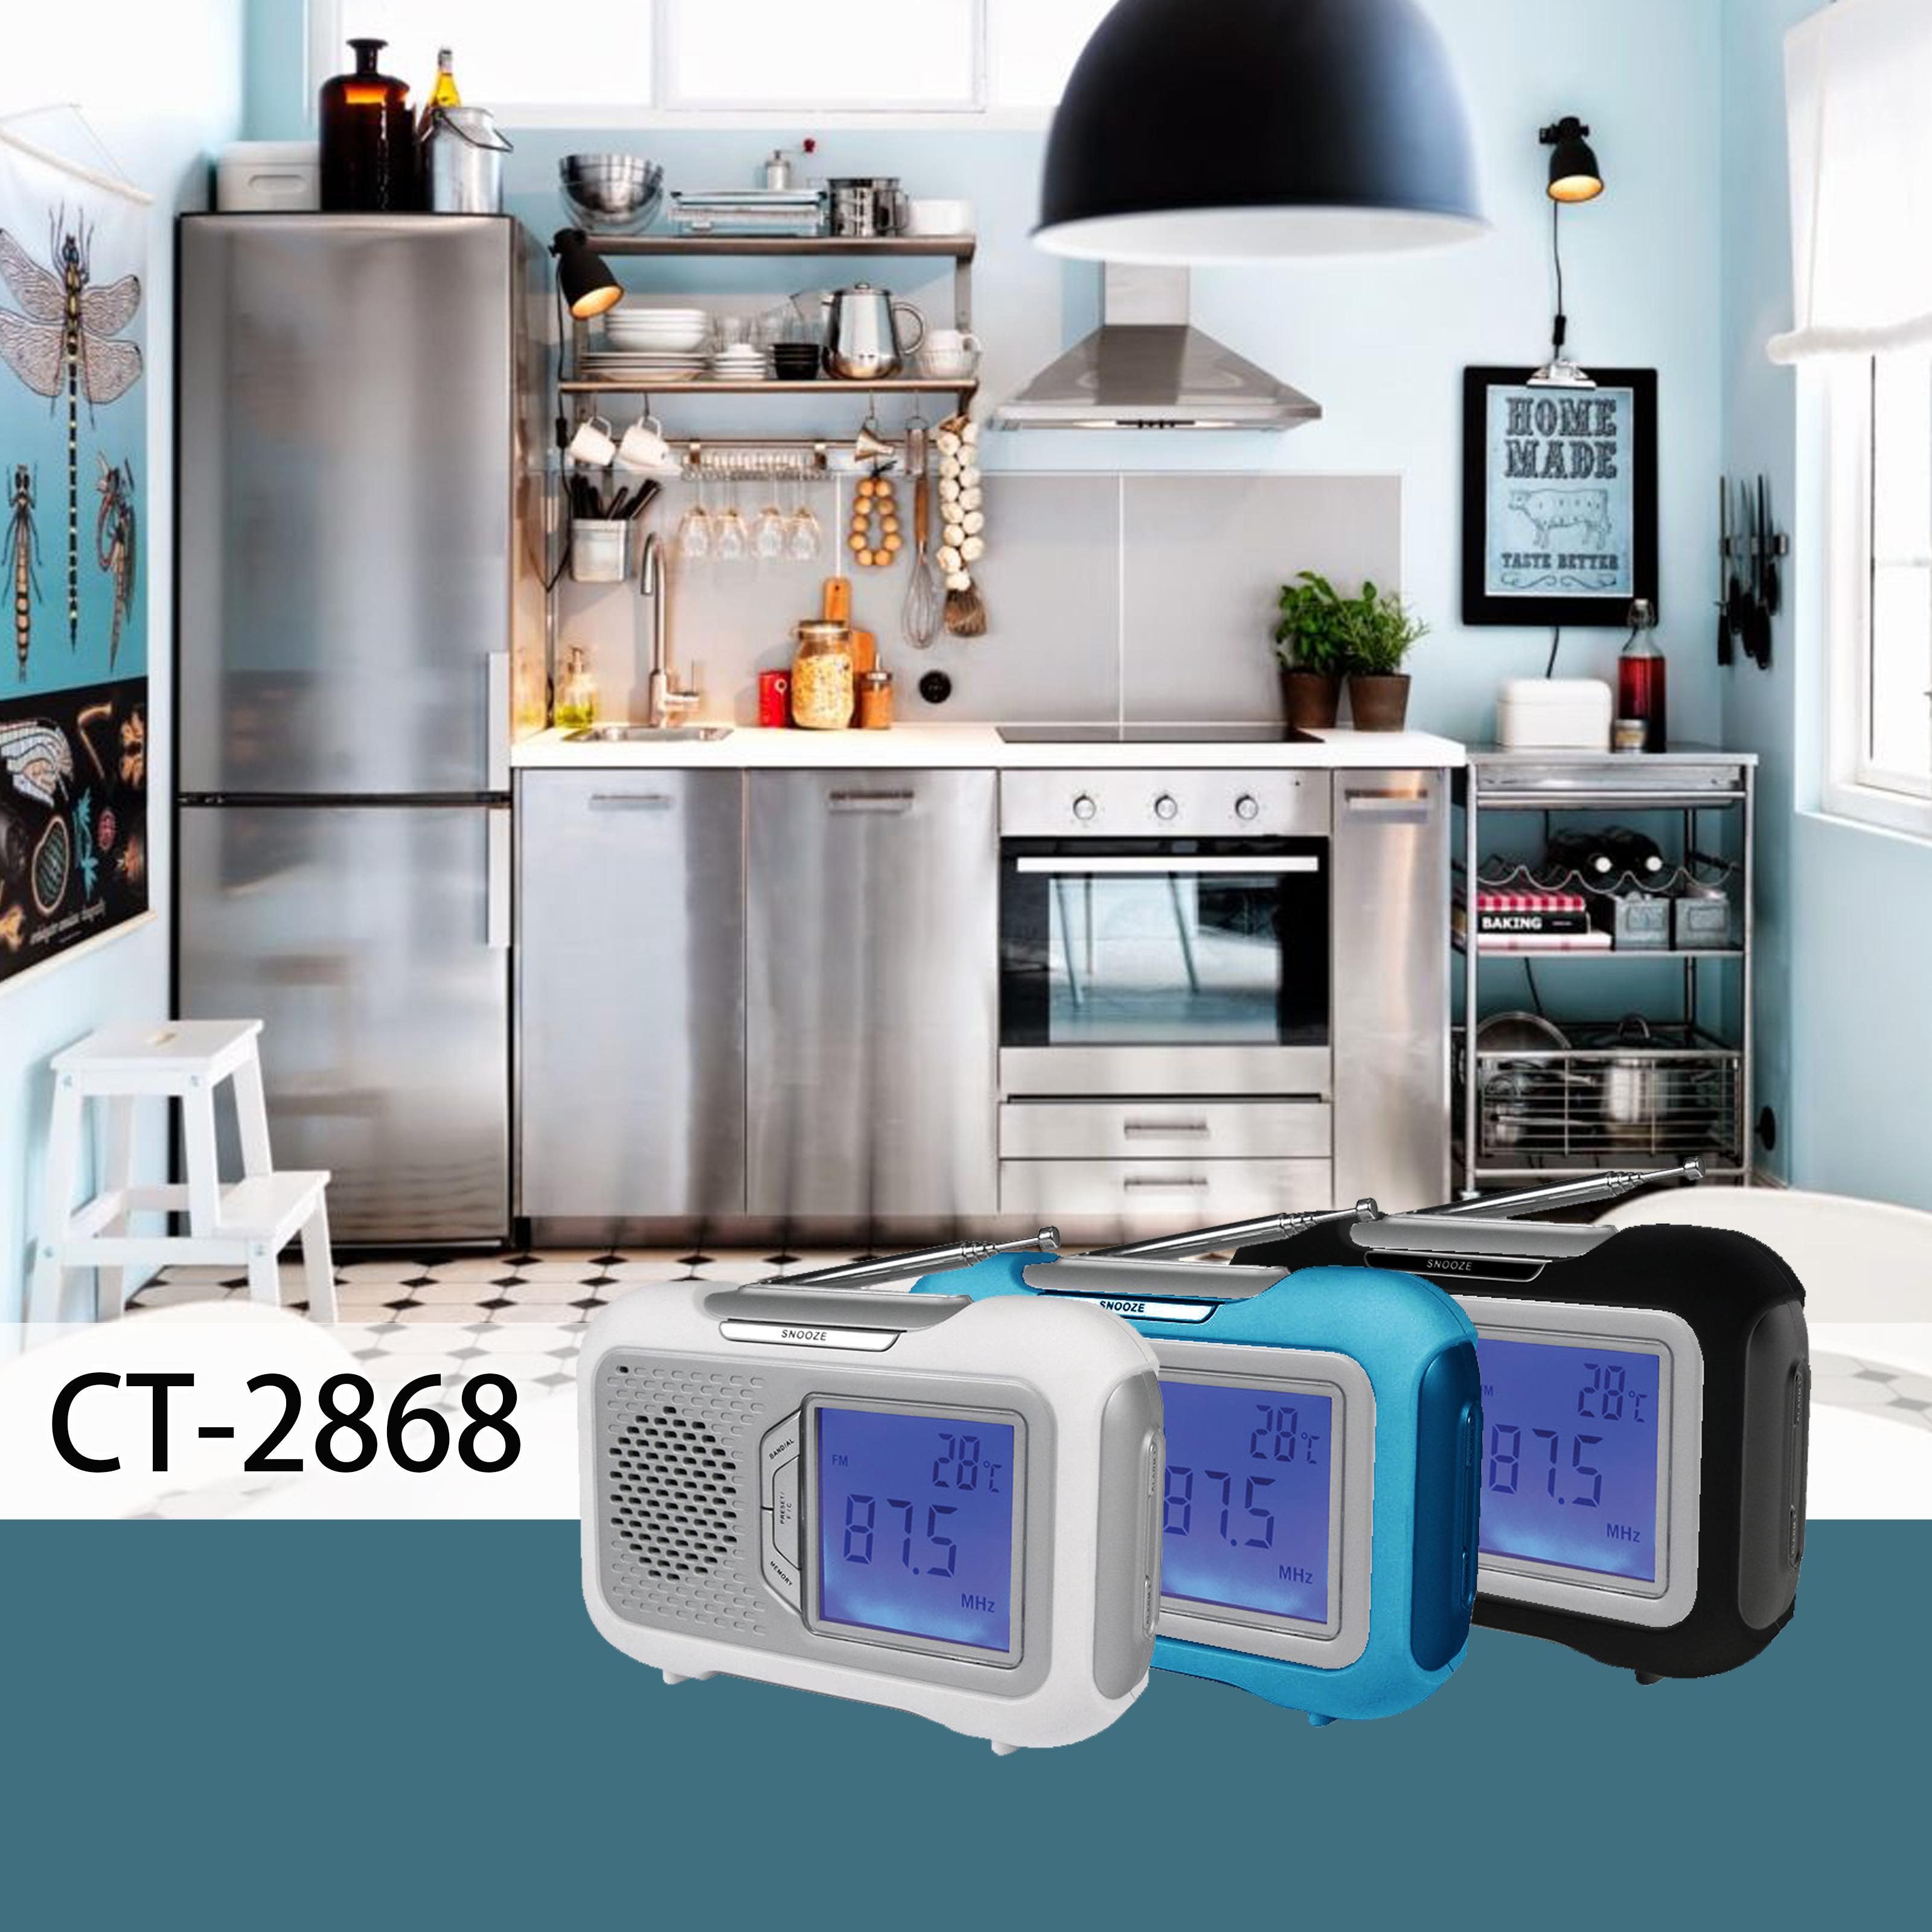 CT-2868 KITCHEN.jpg